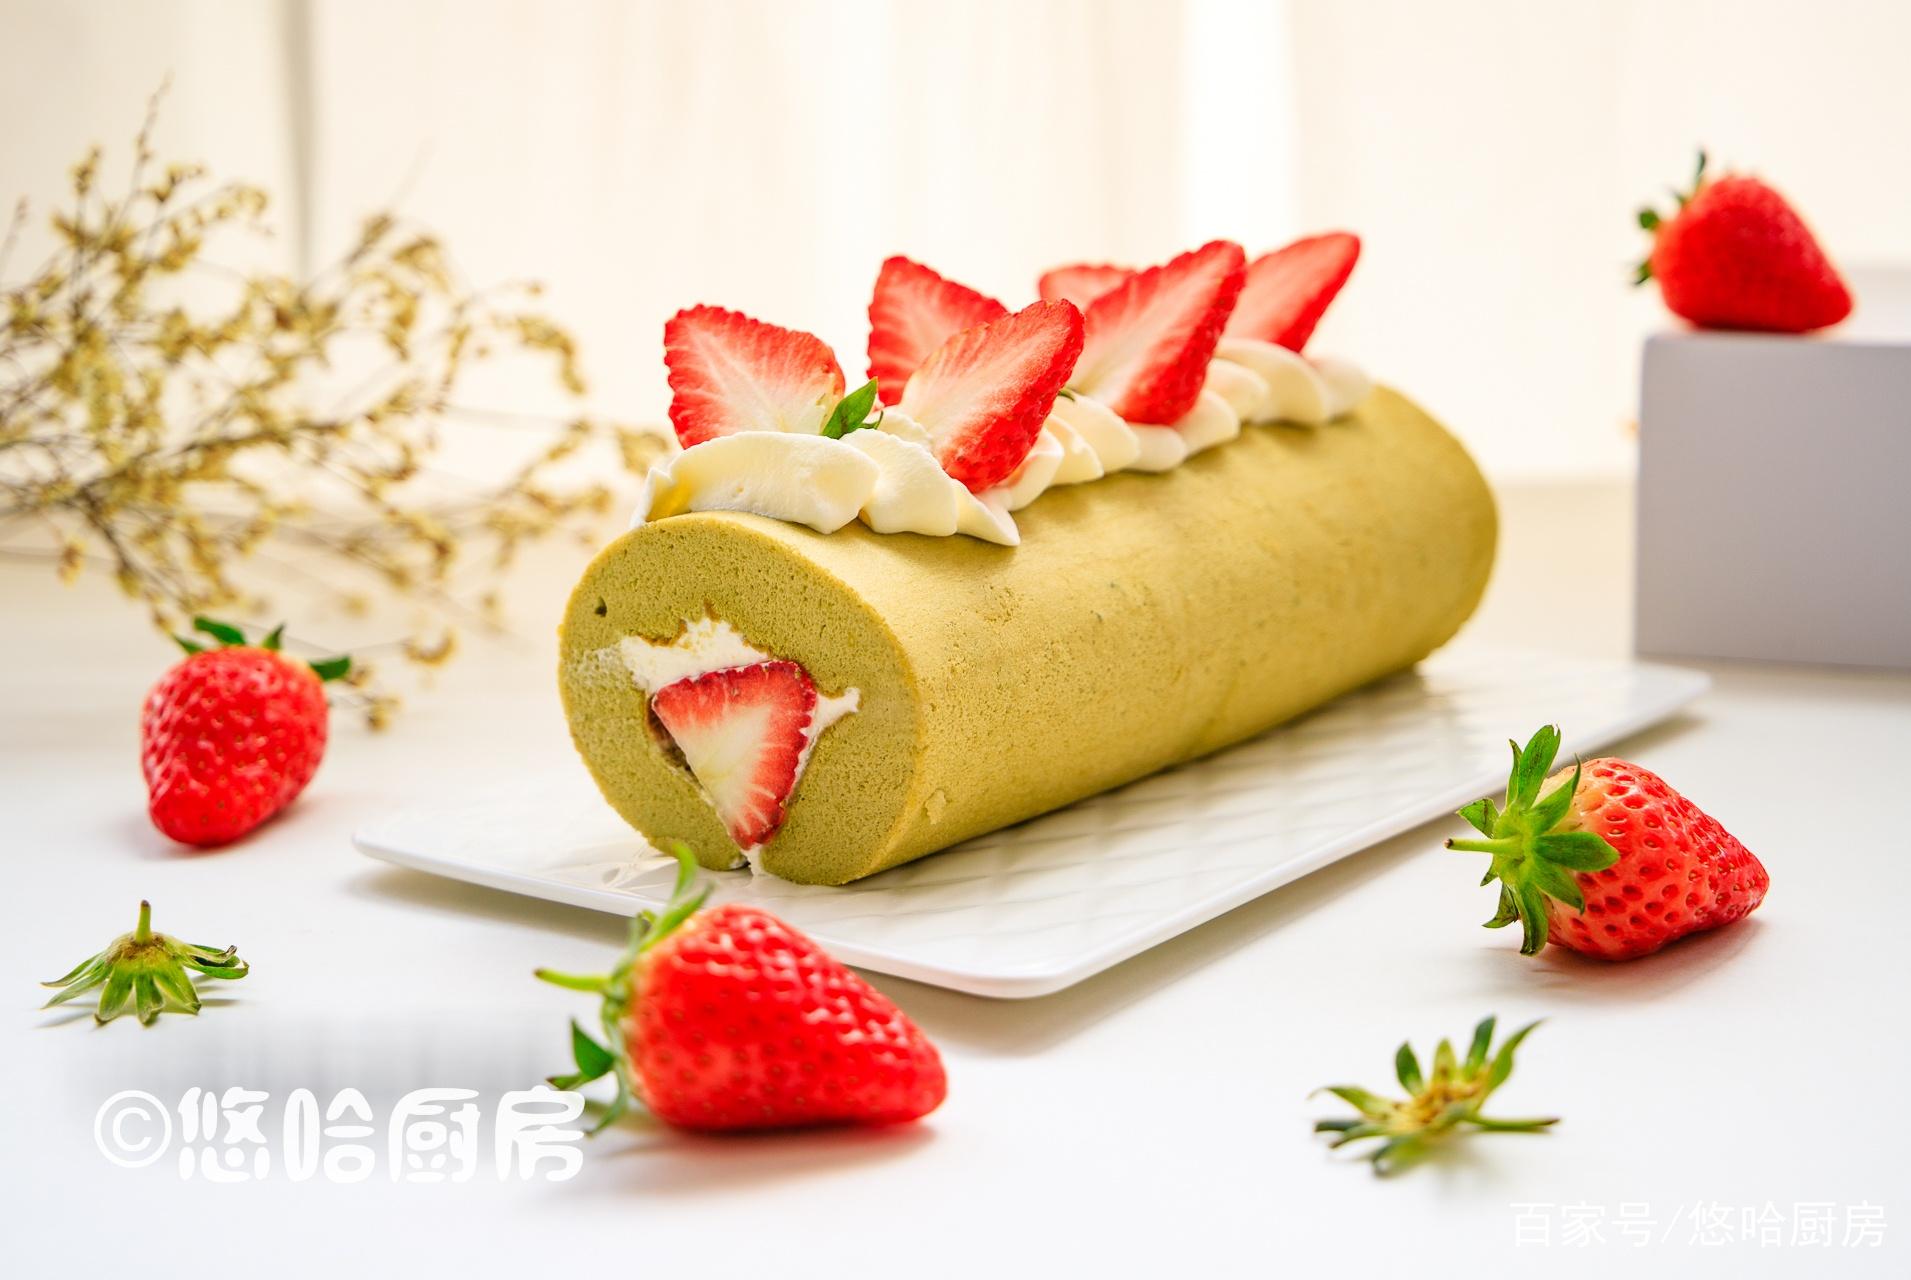 女神节,用这款红绿搭配的蛋糕,取悦我的女人,网友说:你真单纯